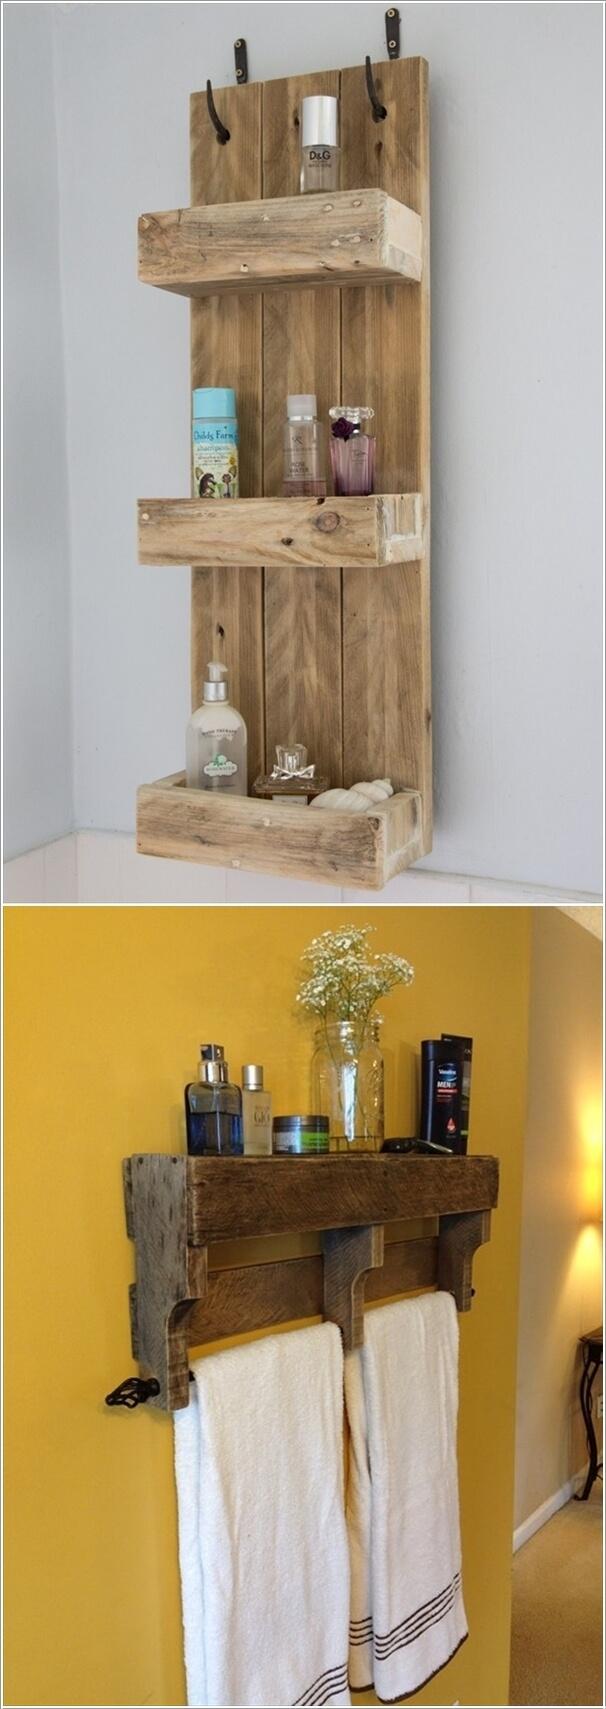 Fullsize Of Homemade Shelves For Bathroom